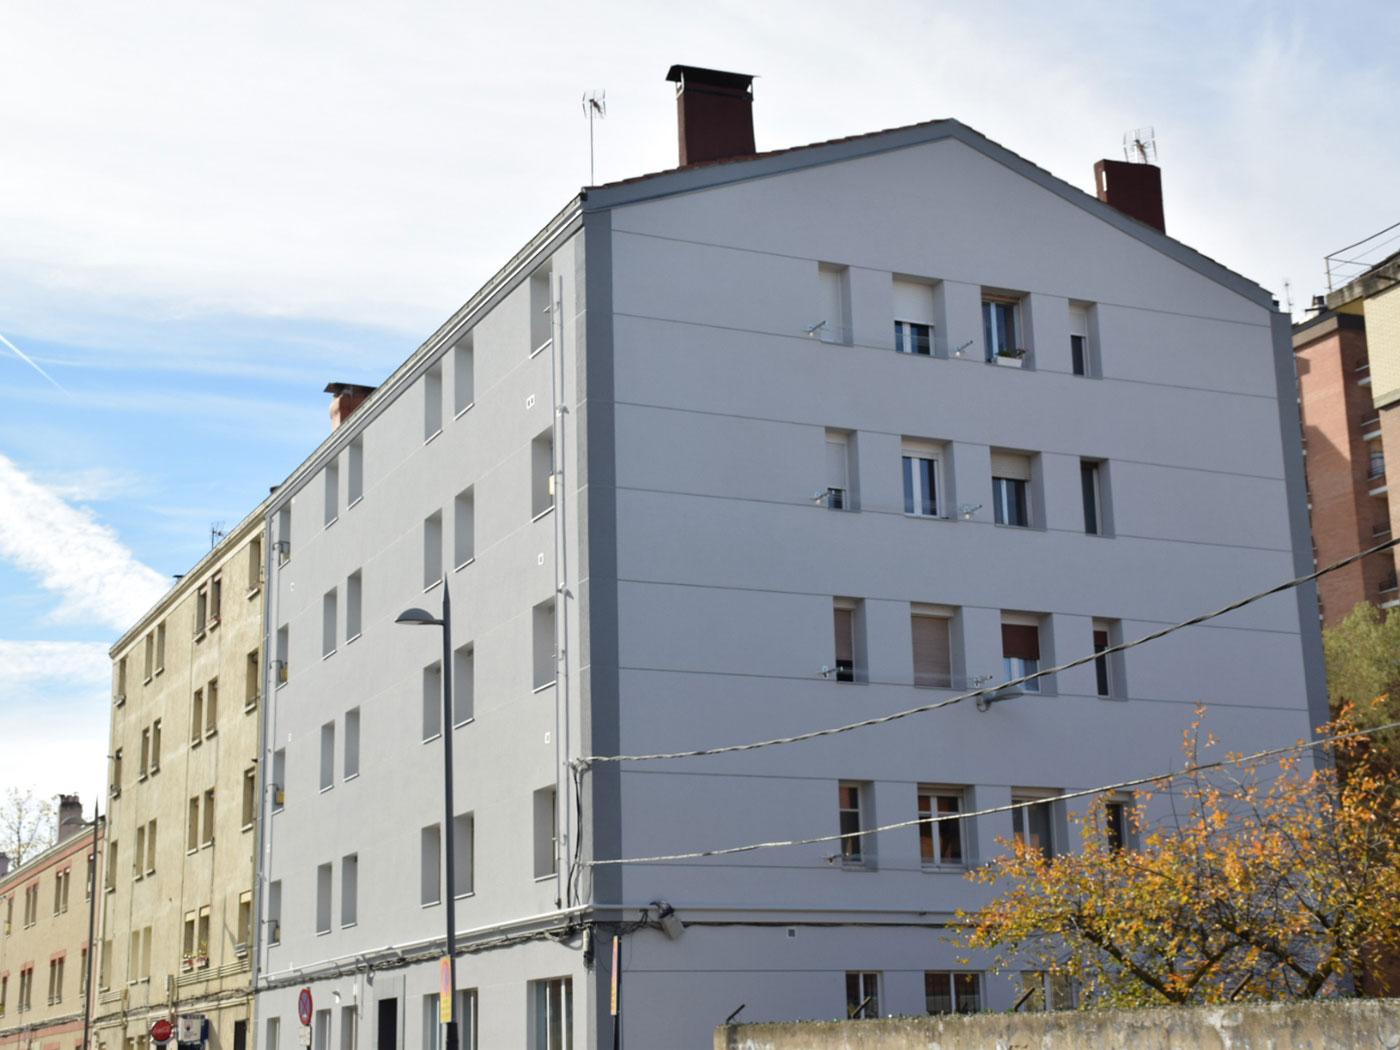 Reforma fachada exterior vitoria gasteiz despues